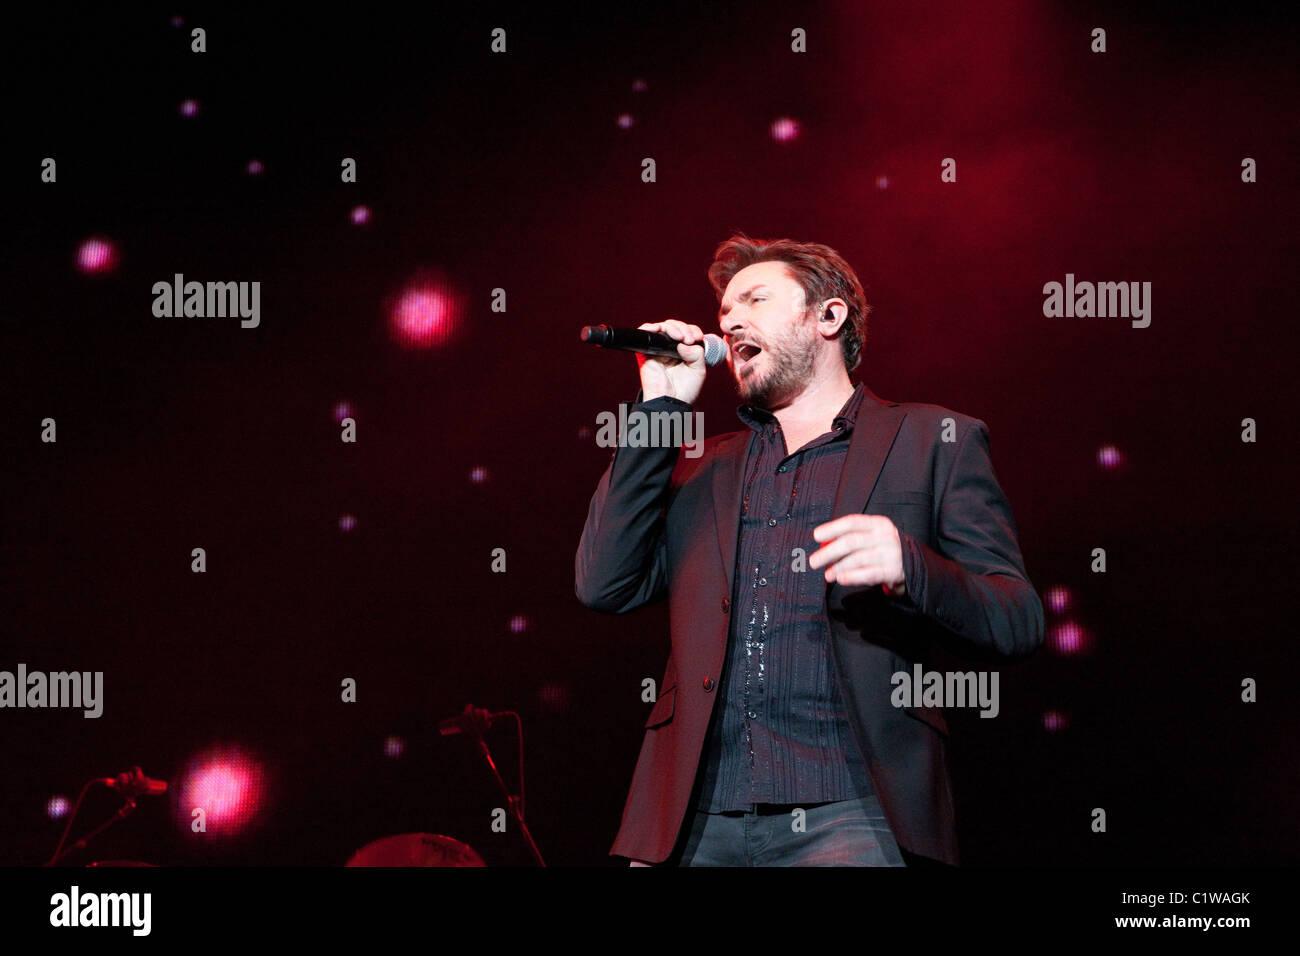 Simon LeBon réalise avec Duran Duran à l'Ultra Music Festival à Miami, Floride, USA prises le 25 mars 2011. Banque D'Images